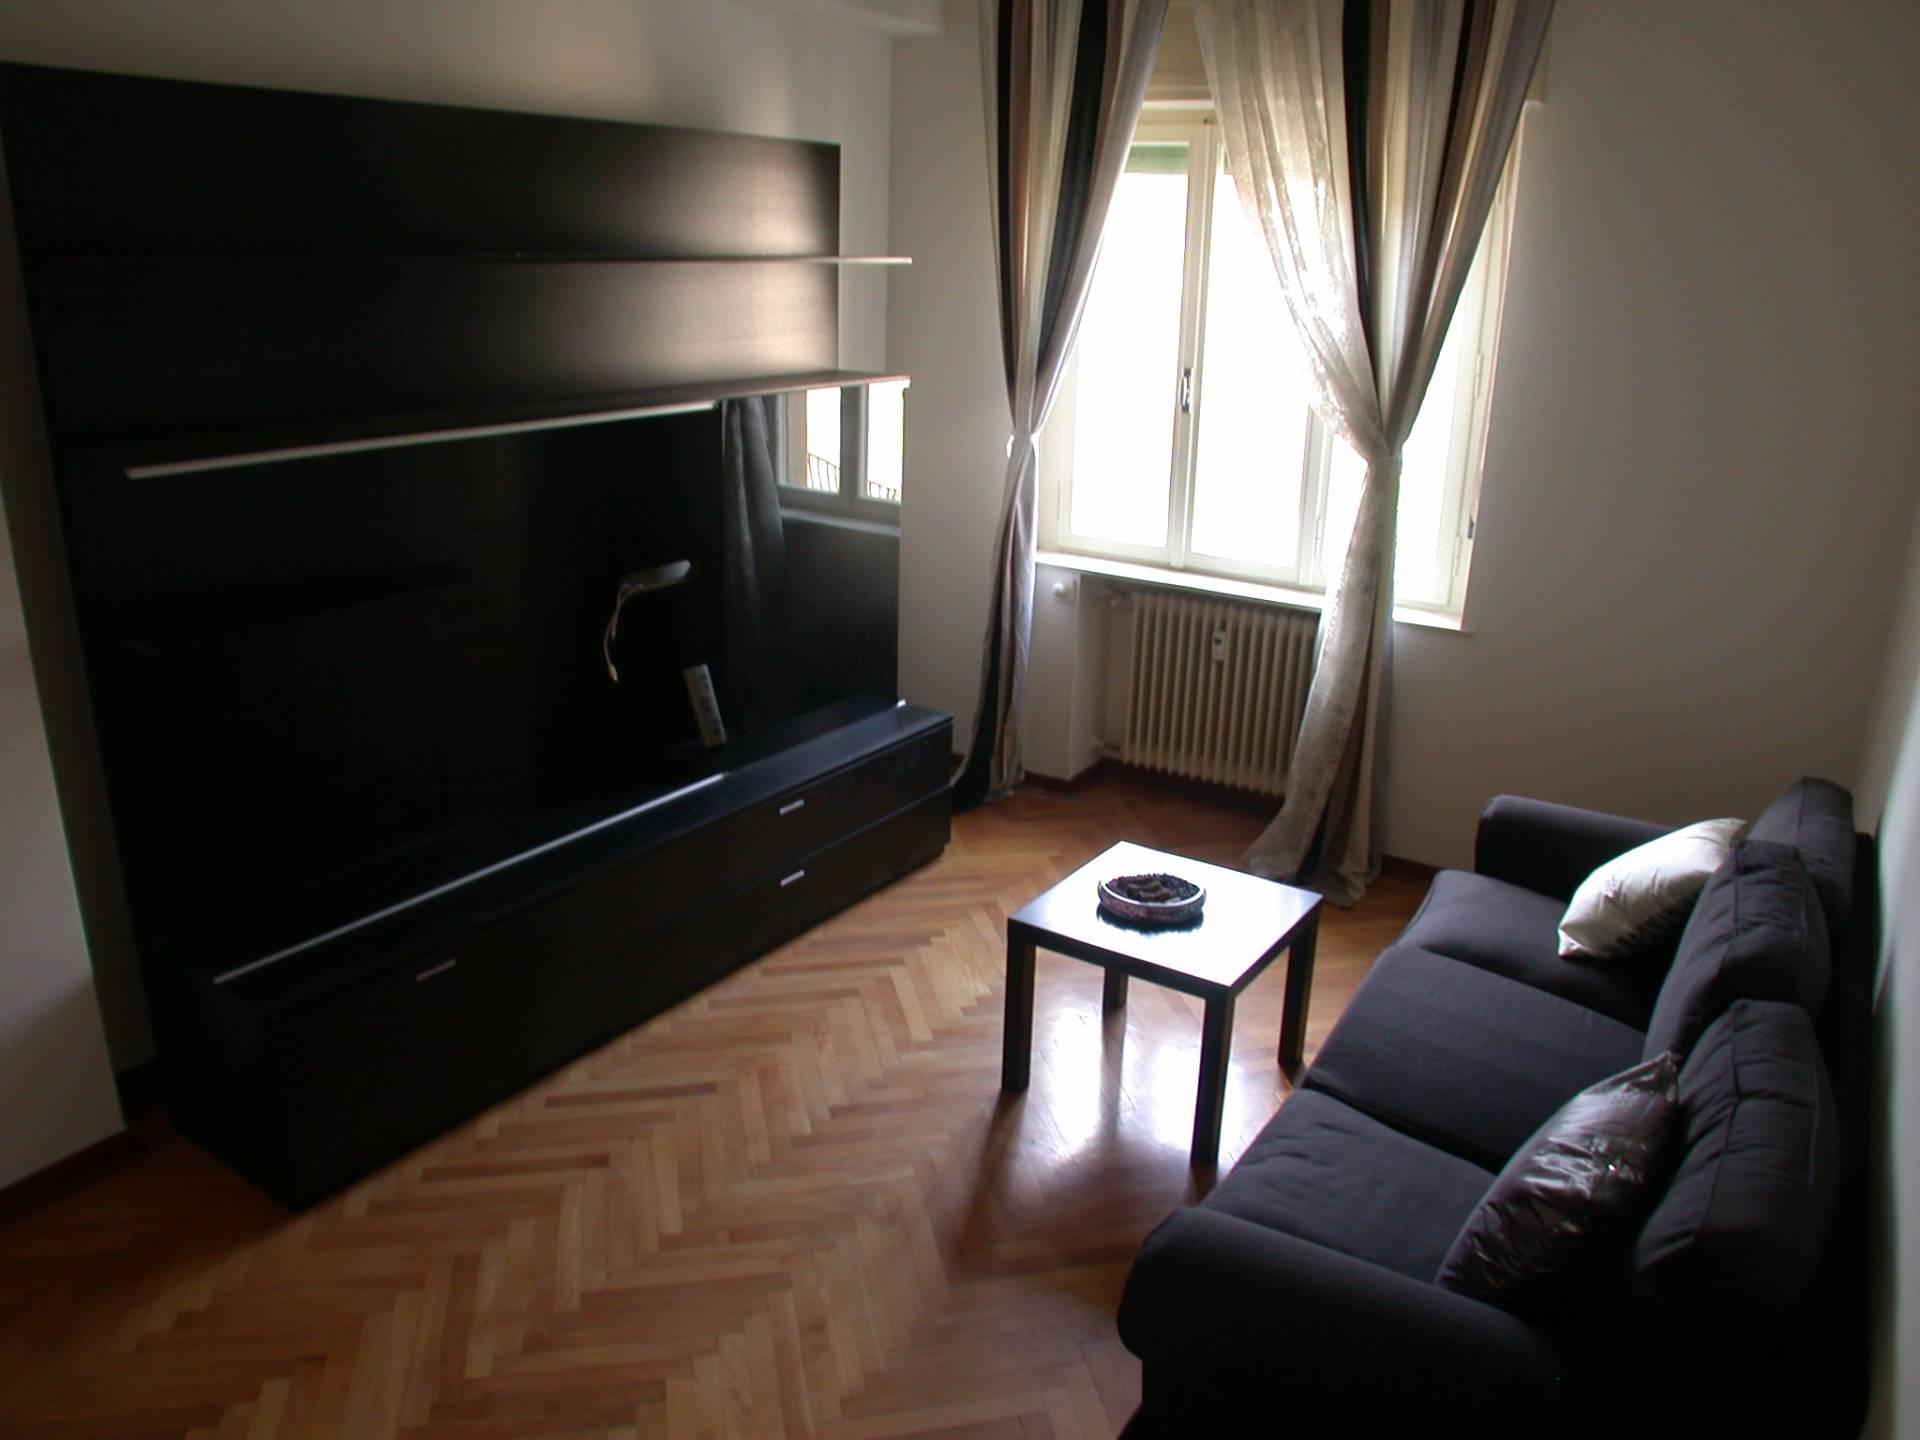 Appartamento in vendita a Gorizia, 5 locali, zona Località: centro, prezzo € 74.900 | Cambio Casa.it